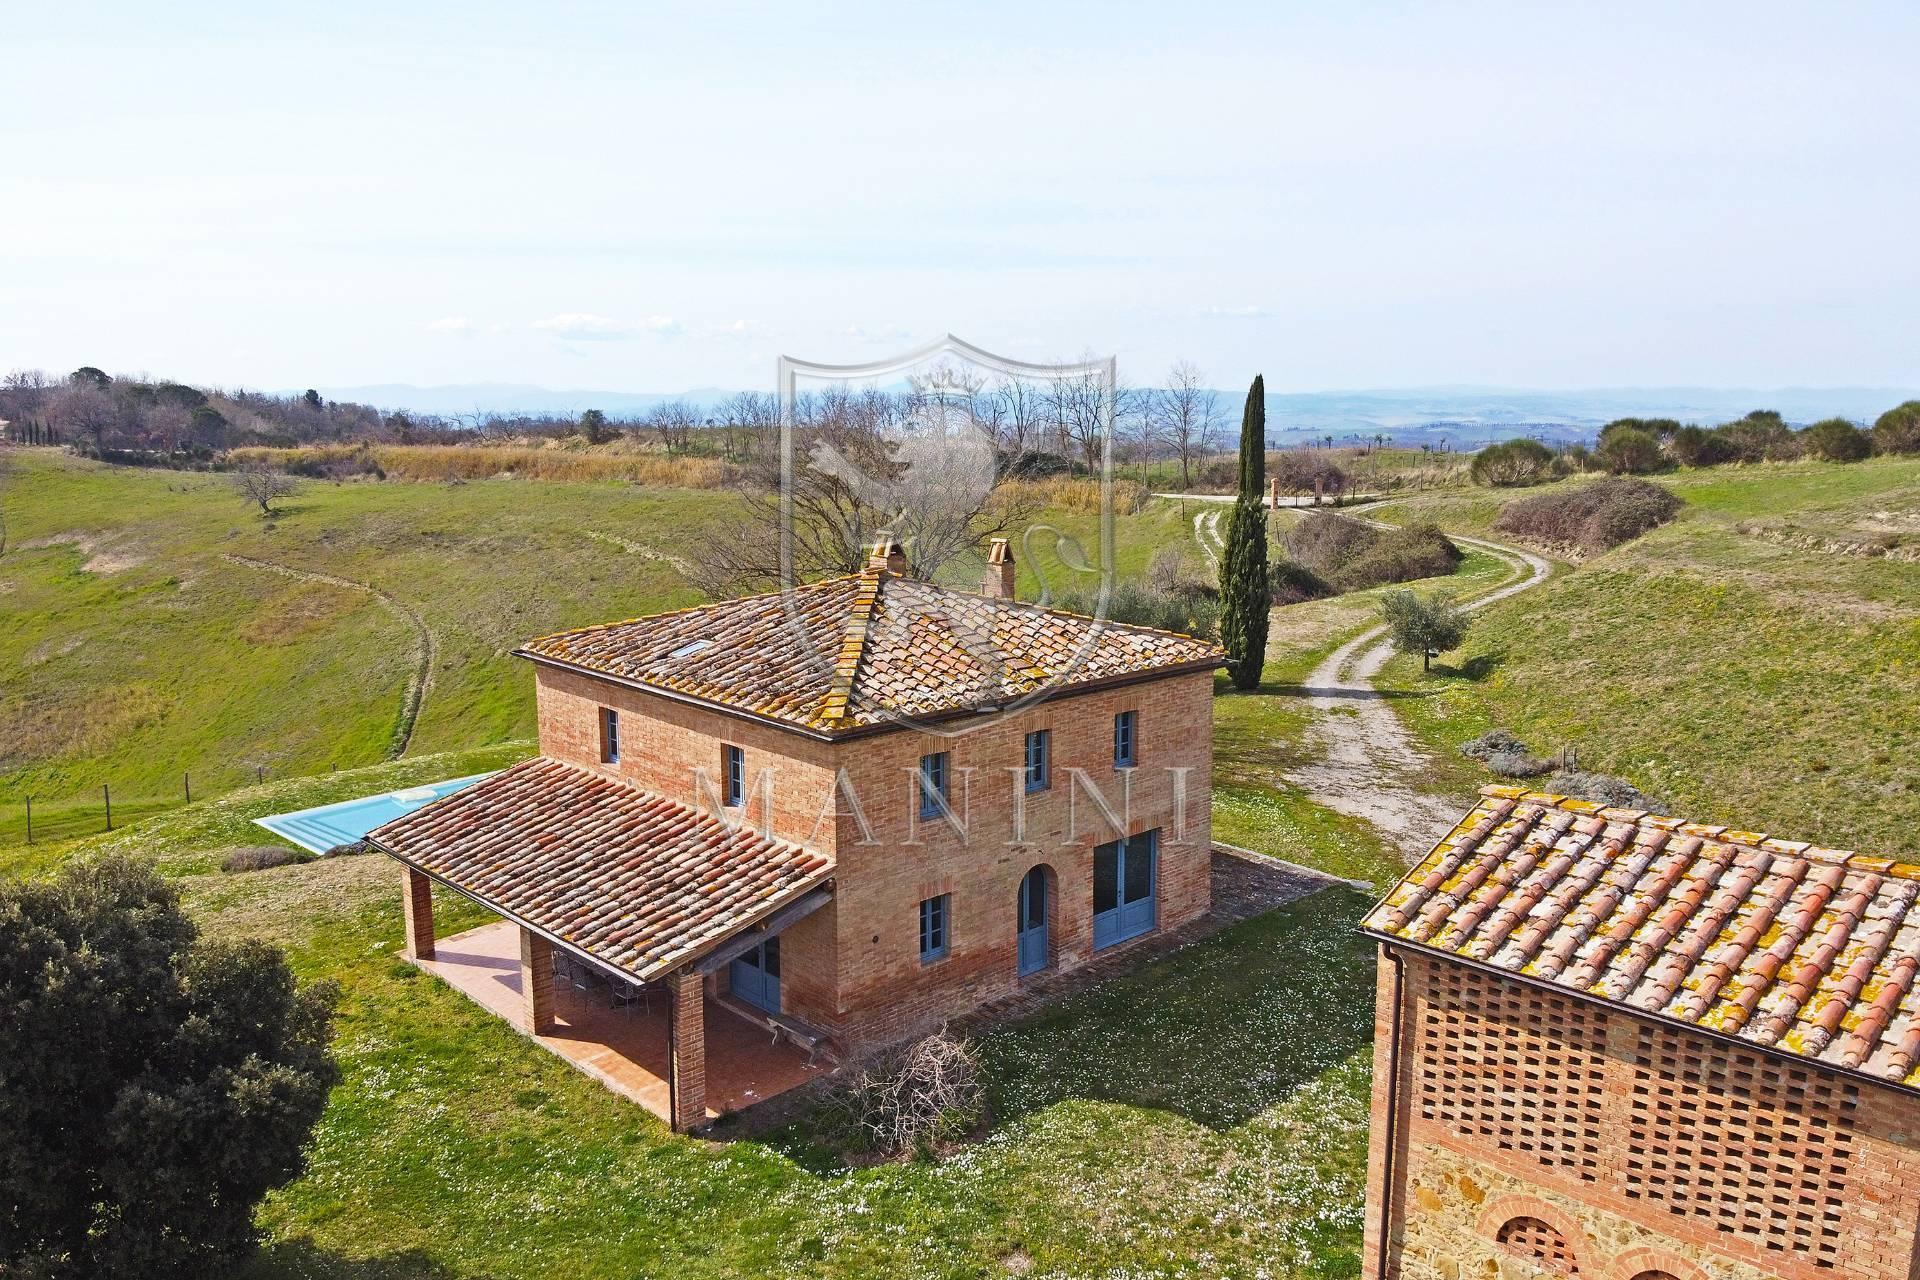 Rustico / Casale in vendita a Montalcino, 12 locali, prezzo € 1.100.000 | CambioCasa.it